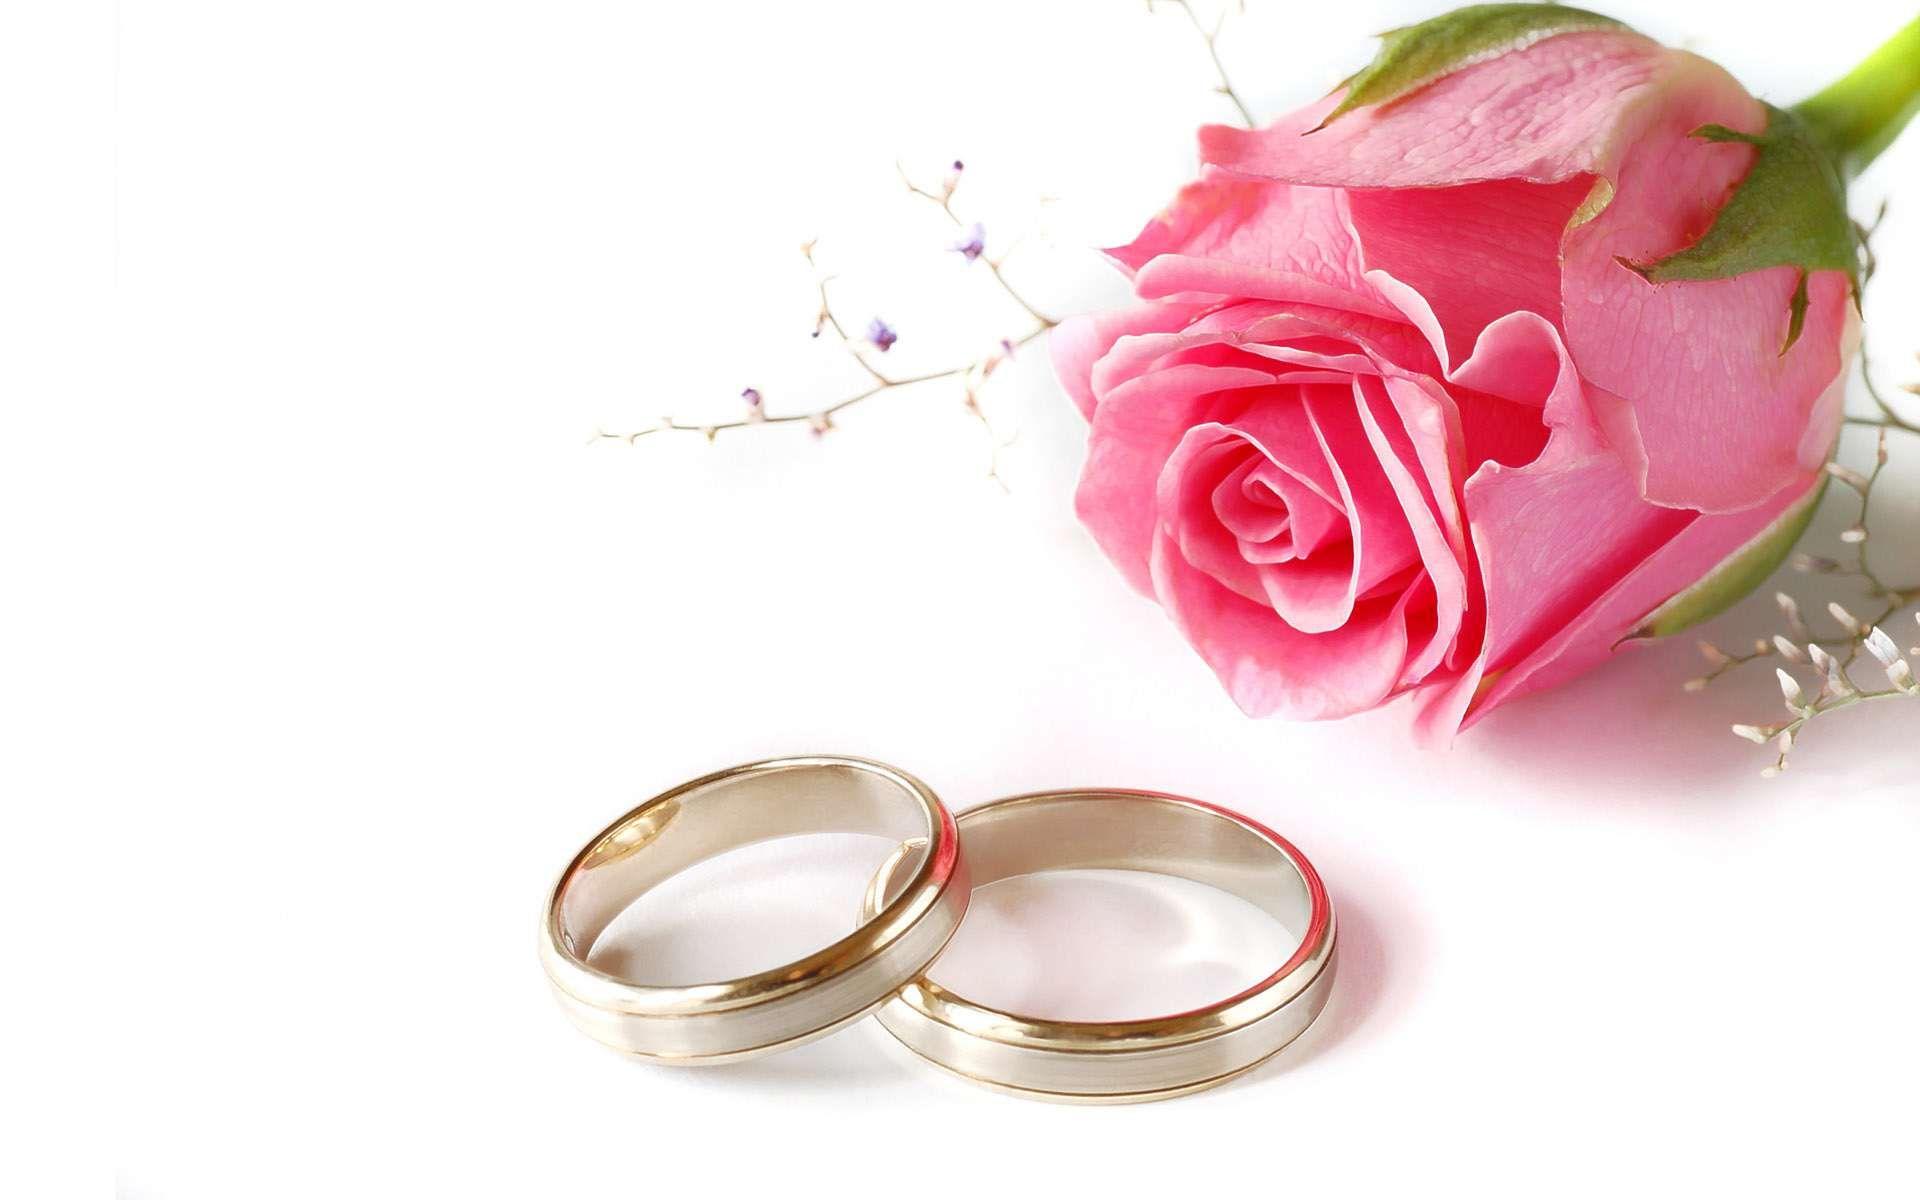 wedding programs backgrounds